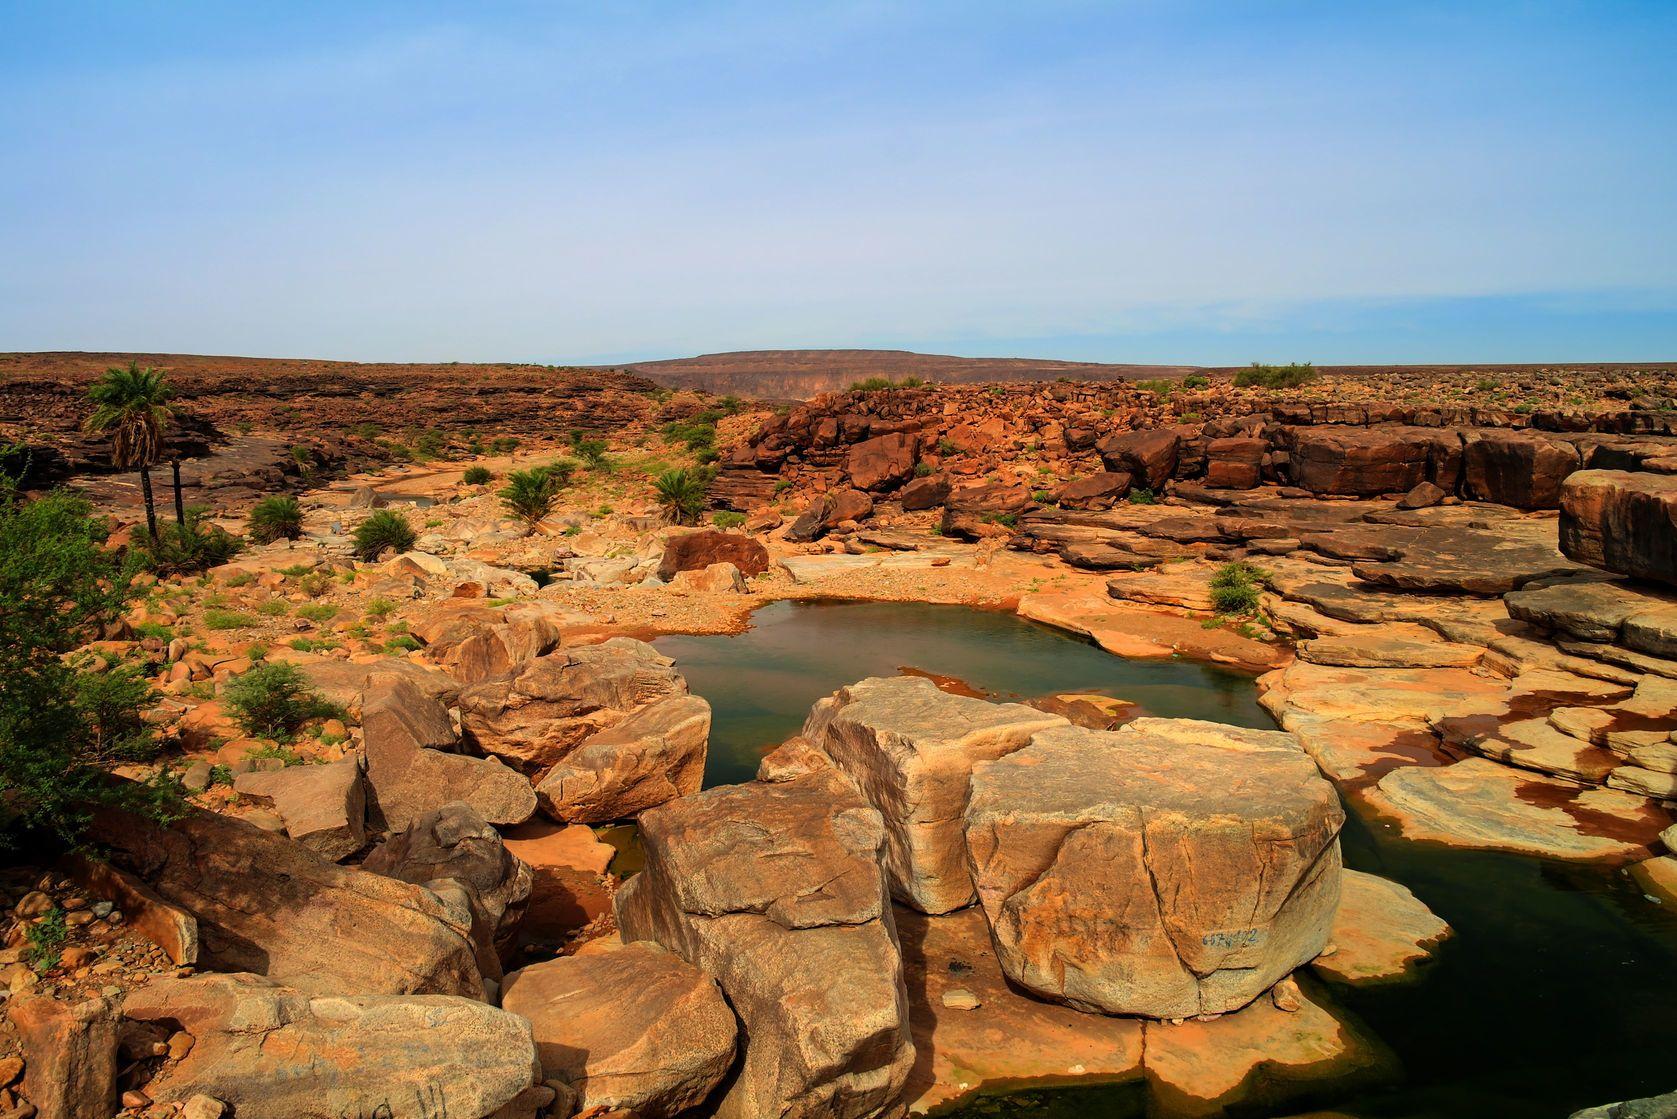 Pouštní krajina v Mauritánii | homophoticus/123RF.com